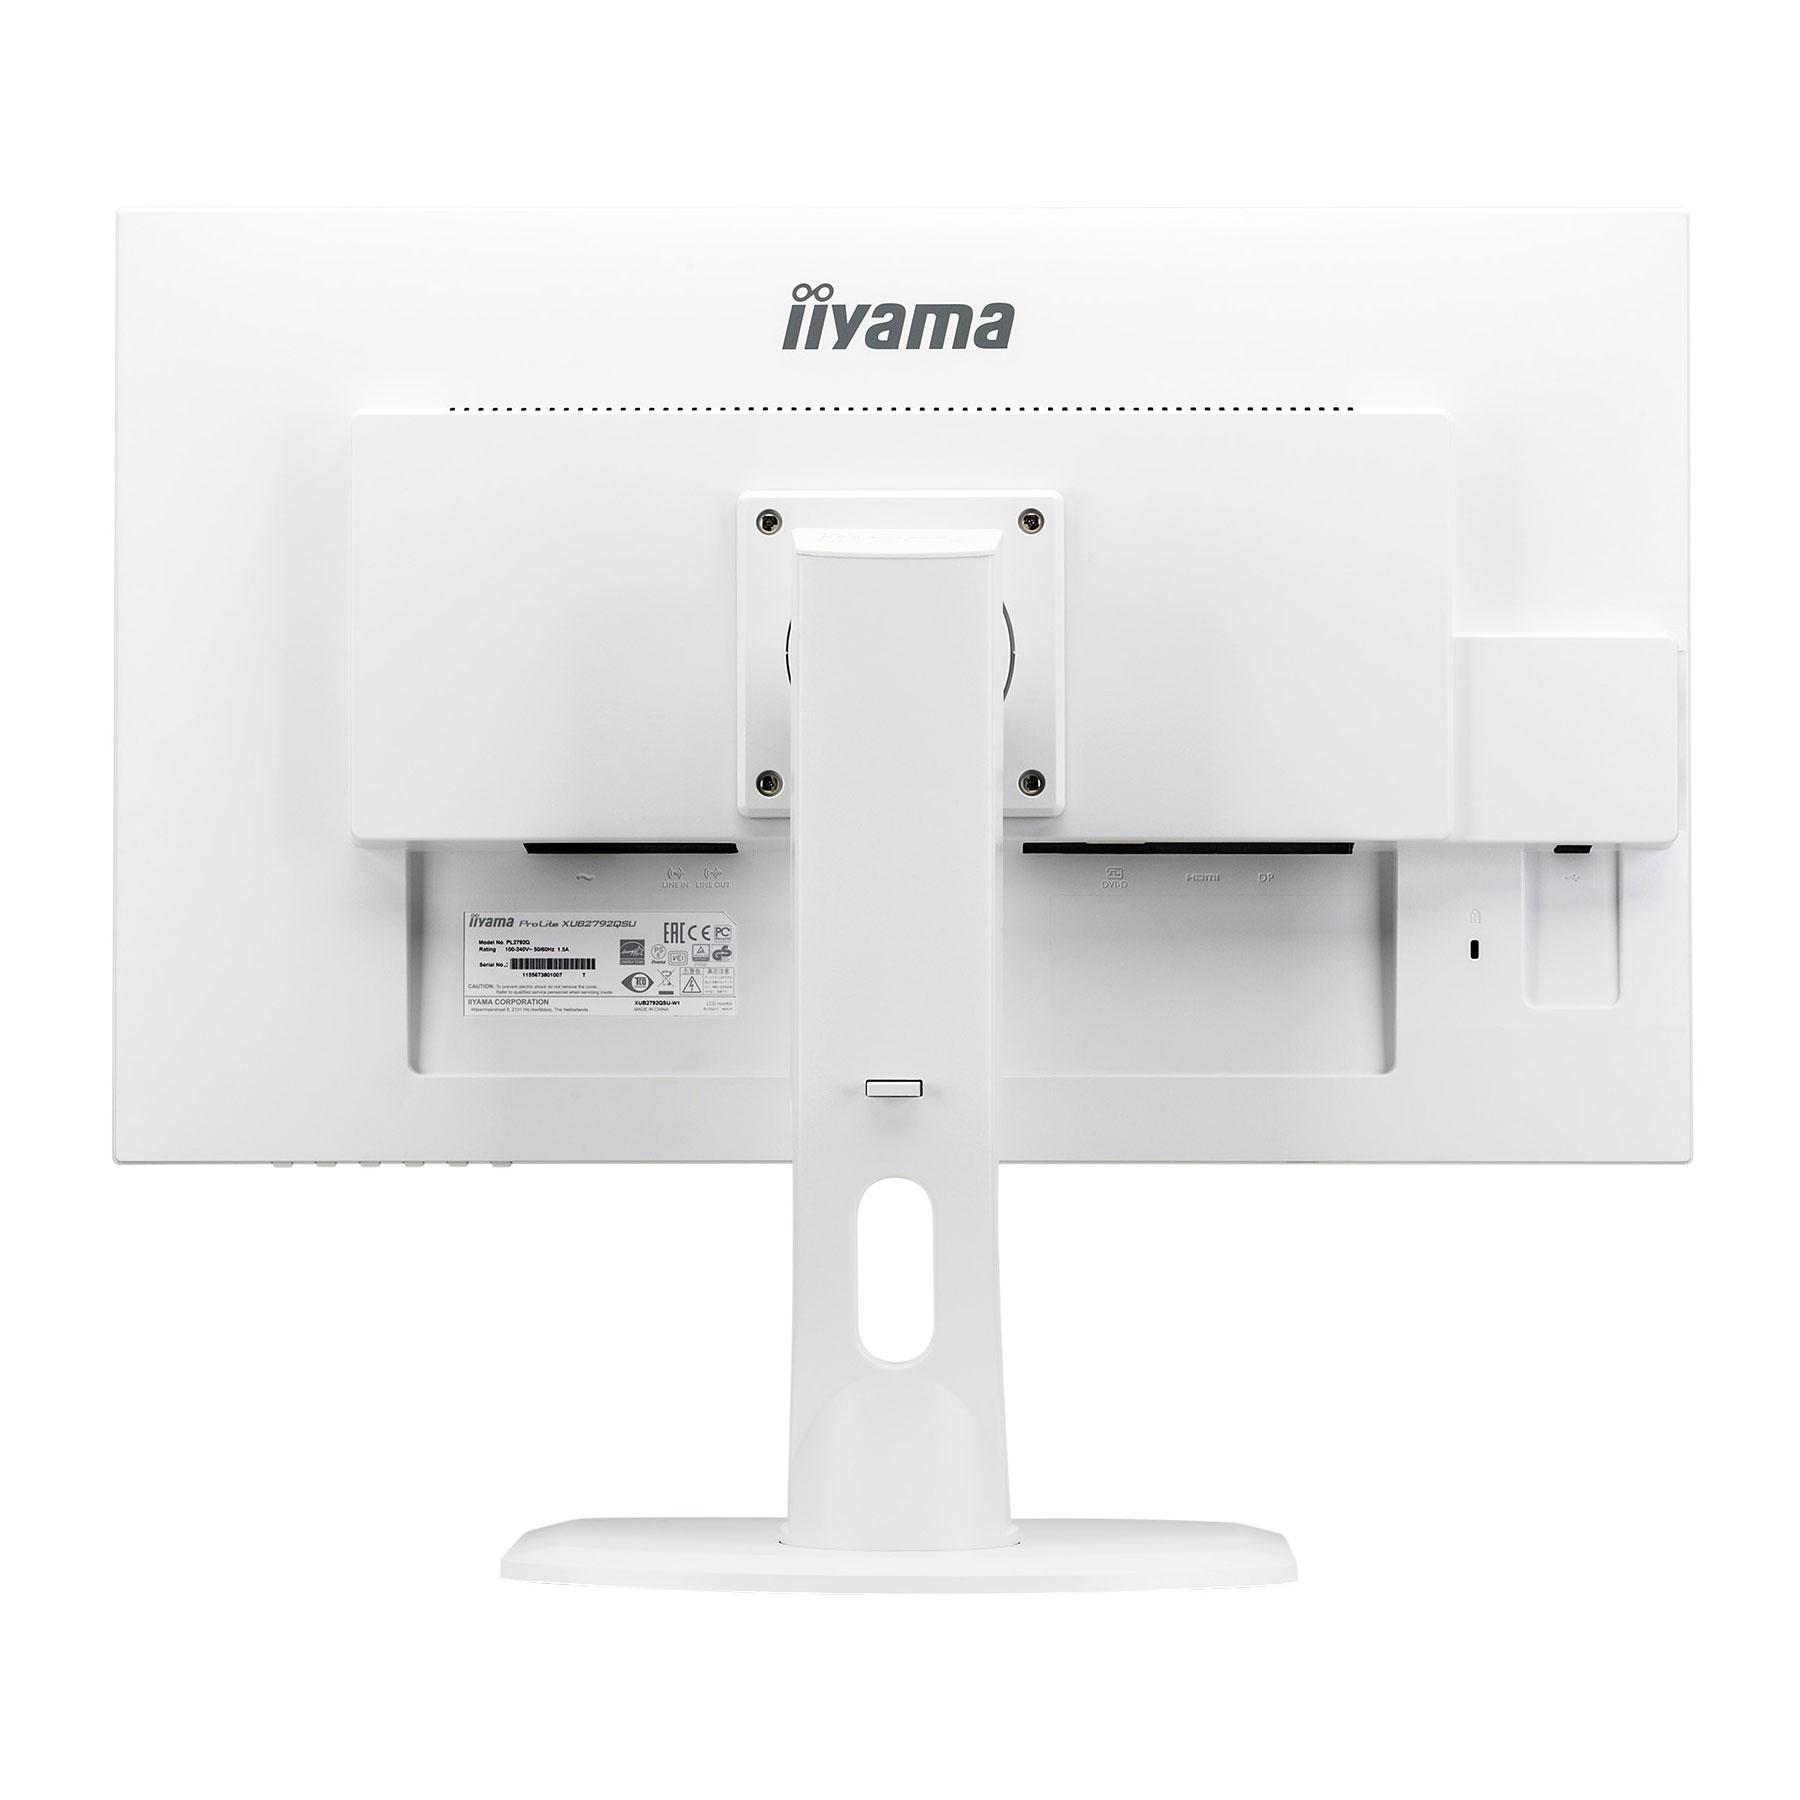 """Iiyama 27""""  XUB2792QSU-W1 - Ecran PC Iiyama - Cybertek.fr - 4"""